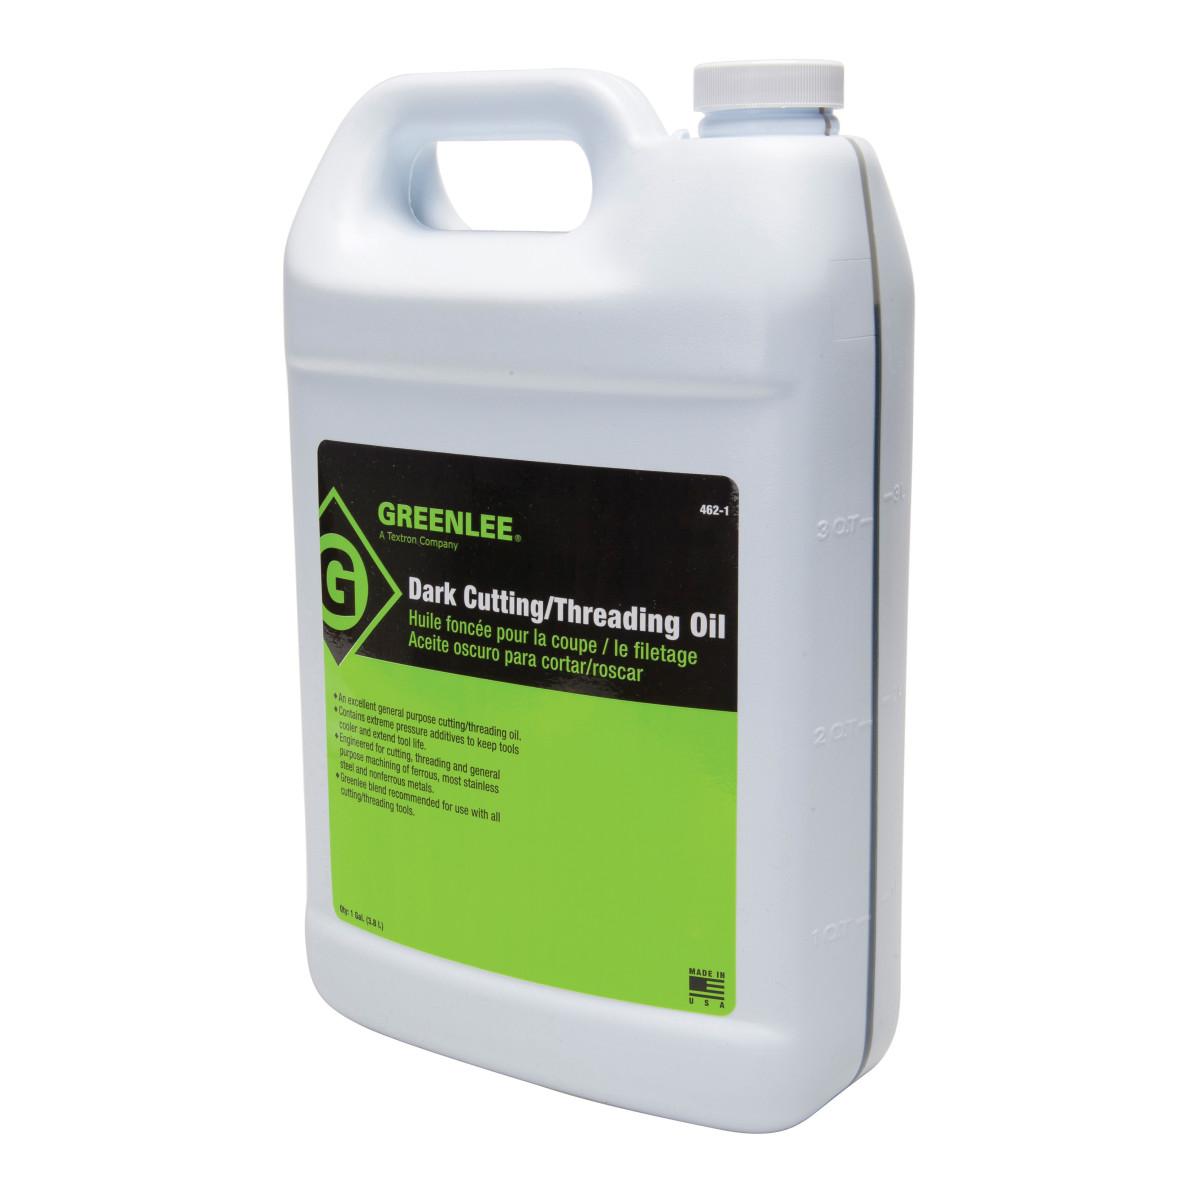 Greenlee 462-Q Dark Cutting / Threading Oil, 1-Quart Bottle